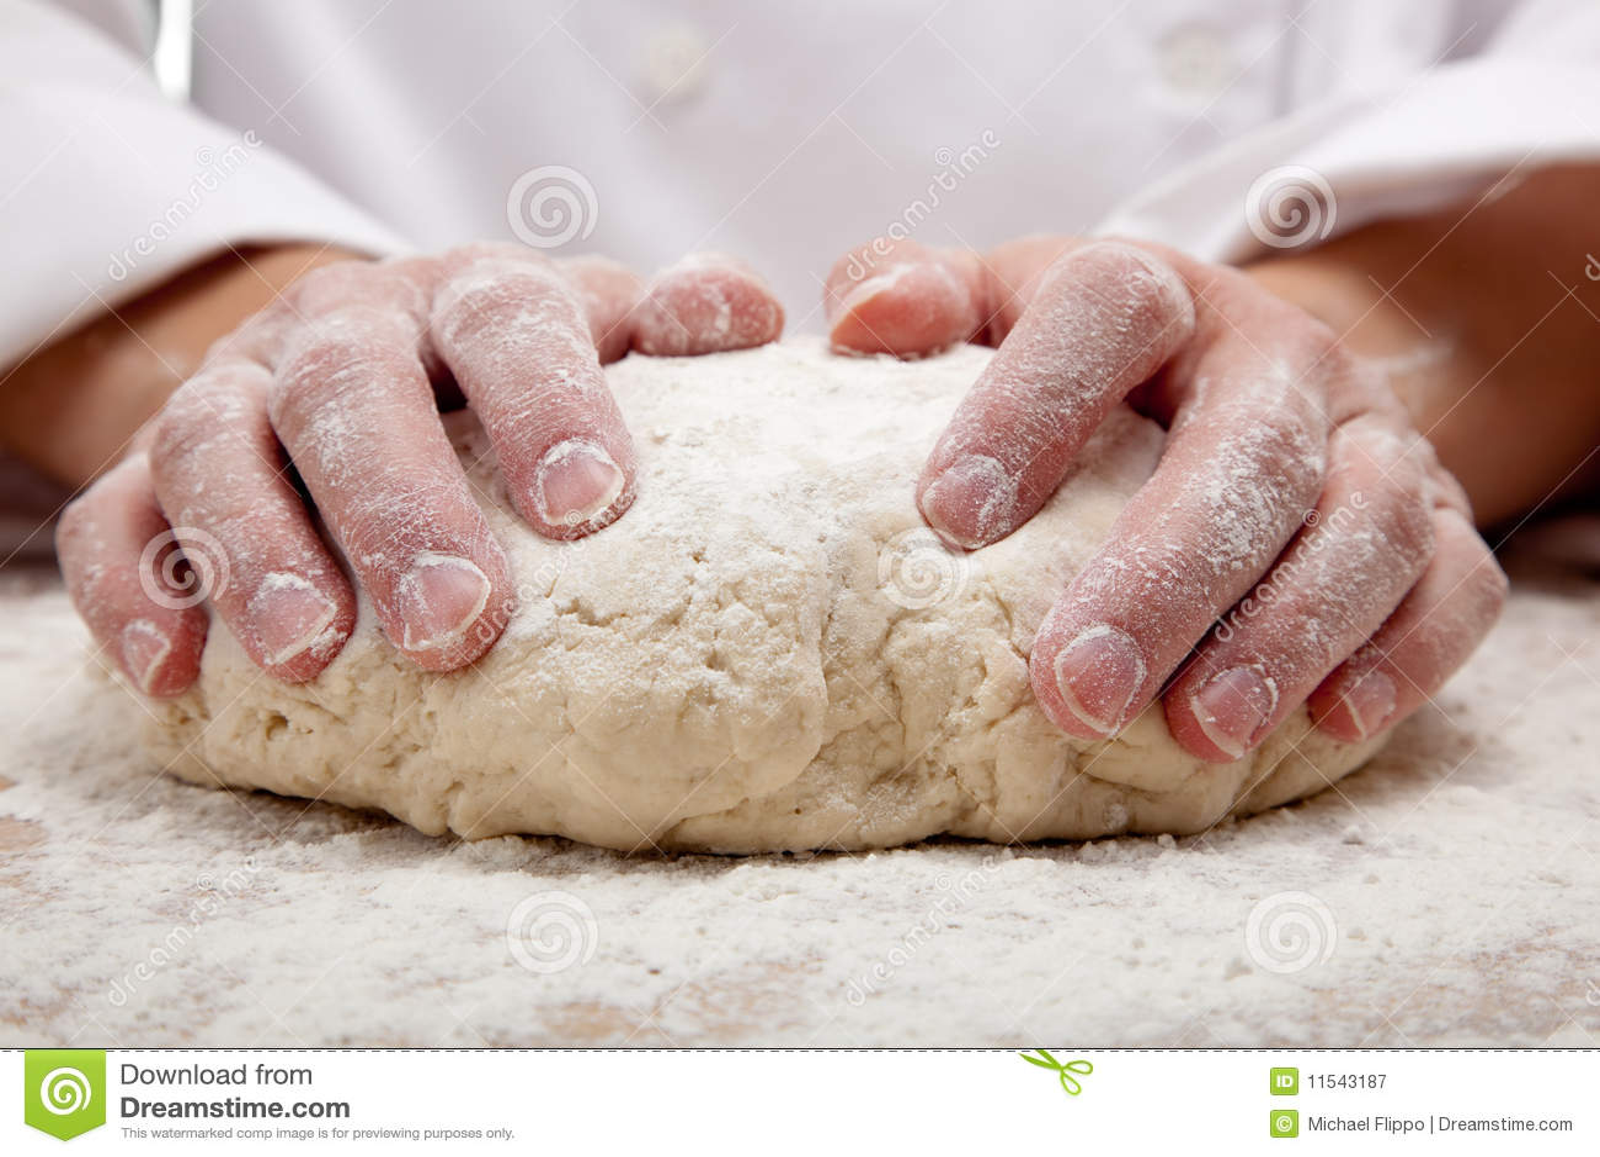 Mani che impastano la pasta di pane